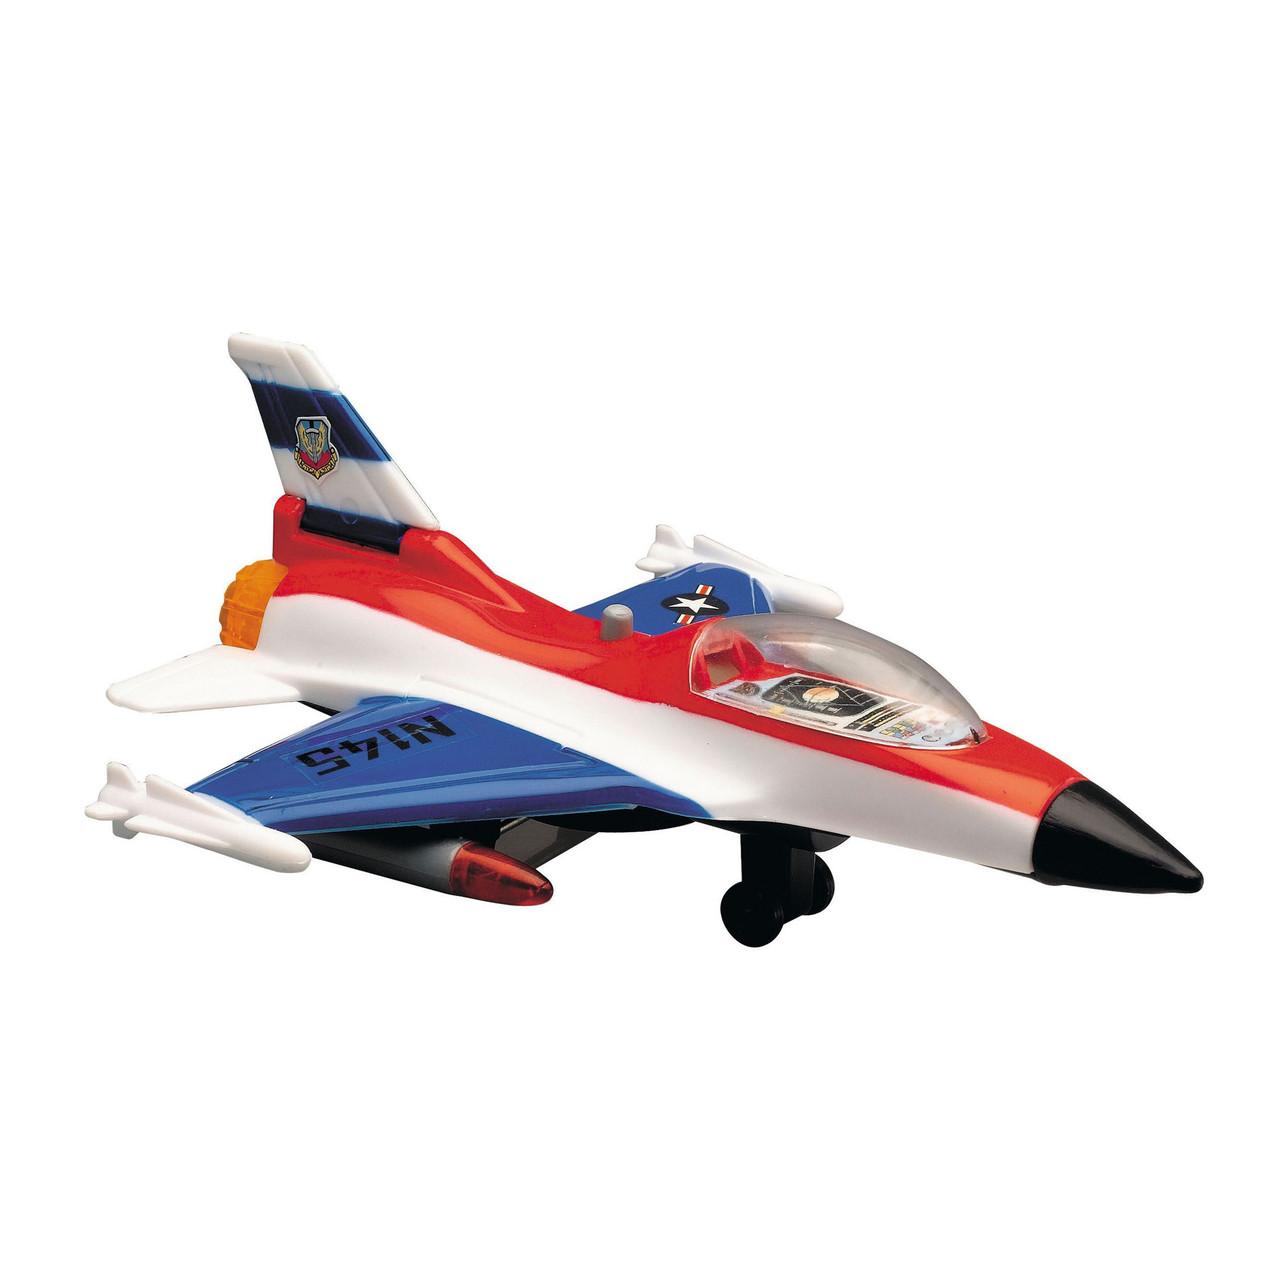 Военный самолет, 17 см (бело-красно-синий) «Dickie Toys» (3553006)